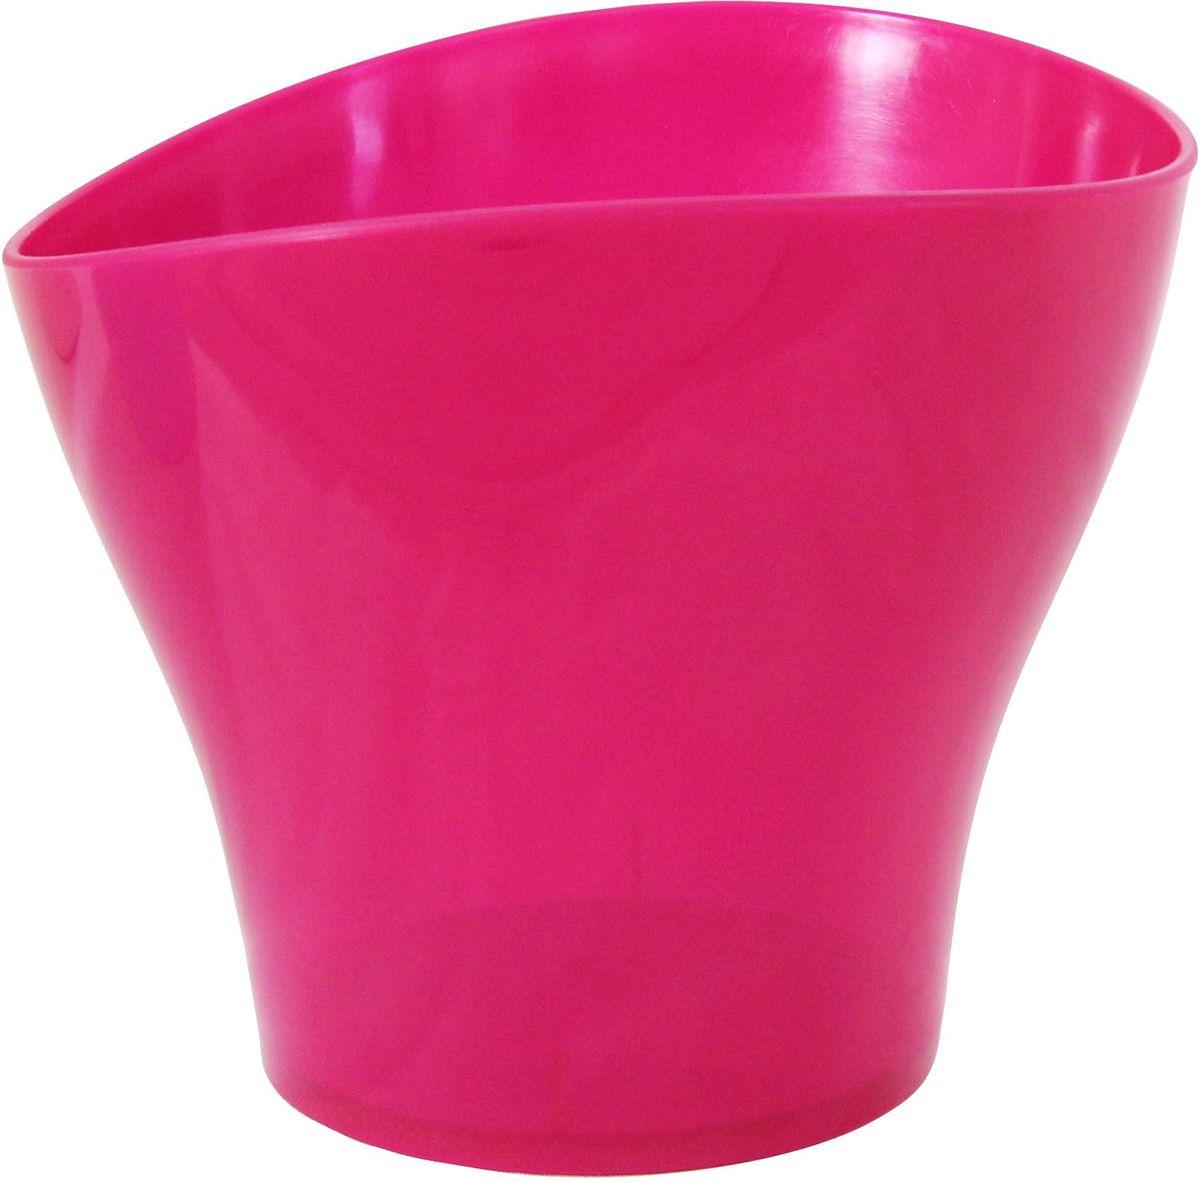 Кашпо Idea Волна, цвет: малиновый, 800 млZ-0307Кашпо Idea Волна изготовлено из прочного полипропилена (пластика) и предназначено для выращивания растений, цветов и трав в домашних условиях. Такое кашпо порадует вас функциональностью, а благодаря лаконичному дизайну впишется в любой интерьер помещения. Объем кашпо: 0,8 л.